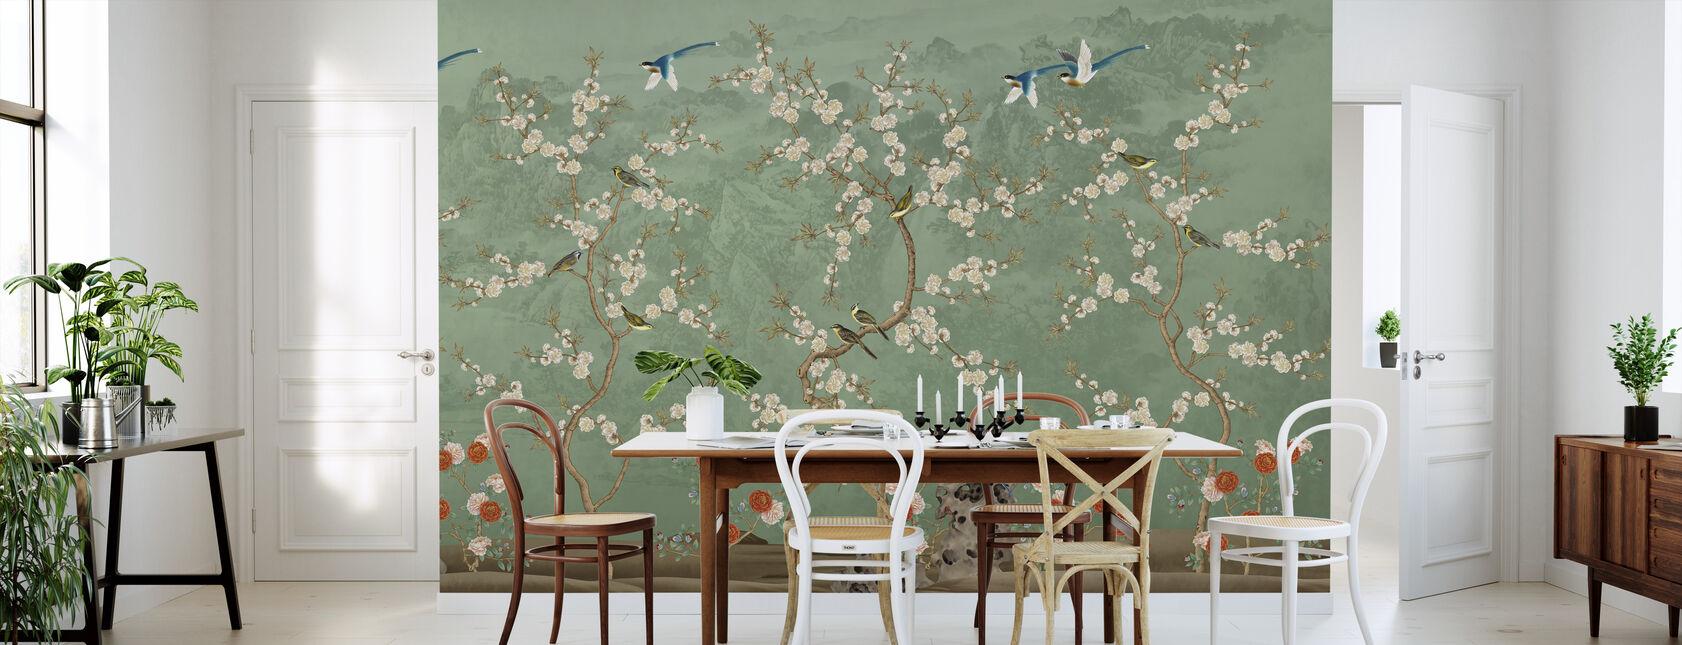 Chinoiserie Garden - Emerald - Wallpaper - Kitchen